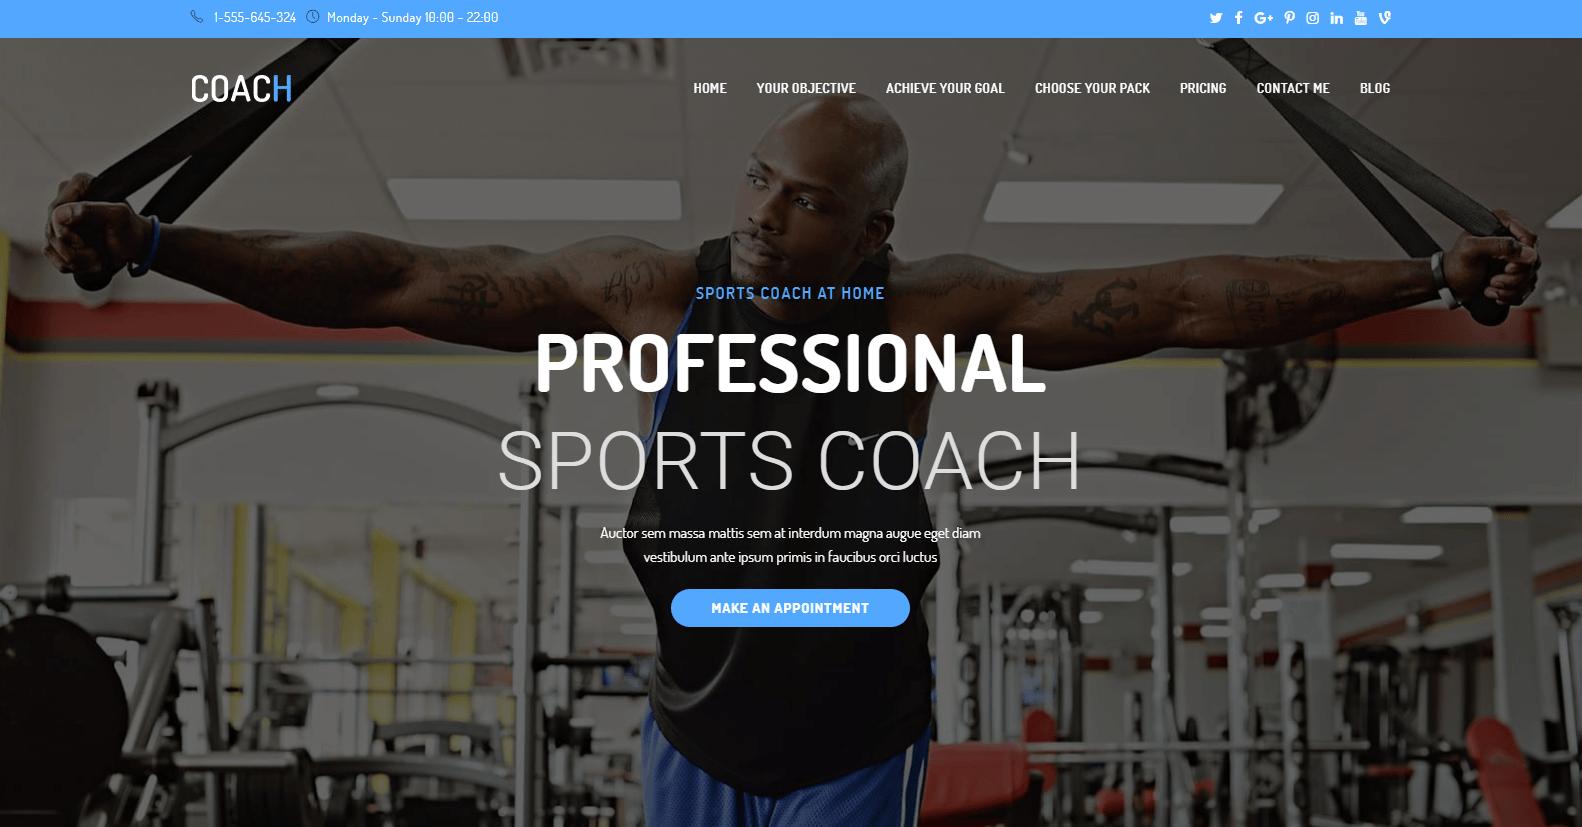 OceanWP Sport Coach Demo